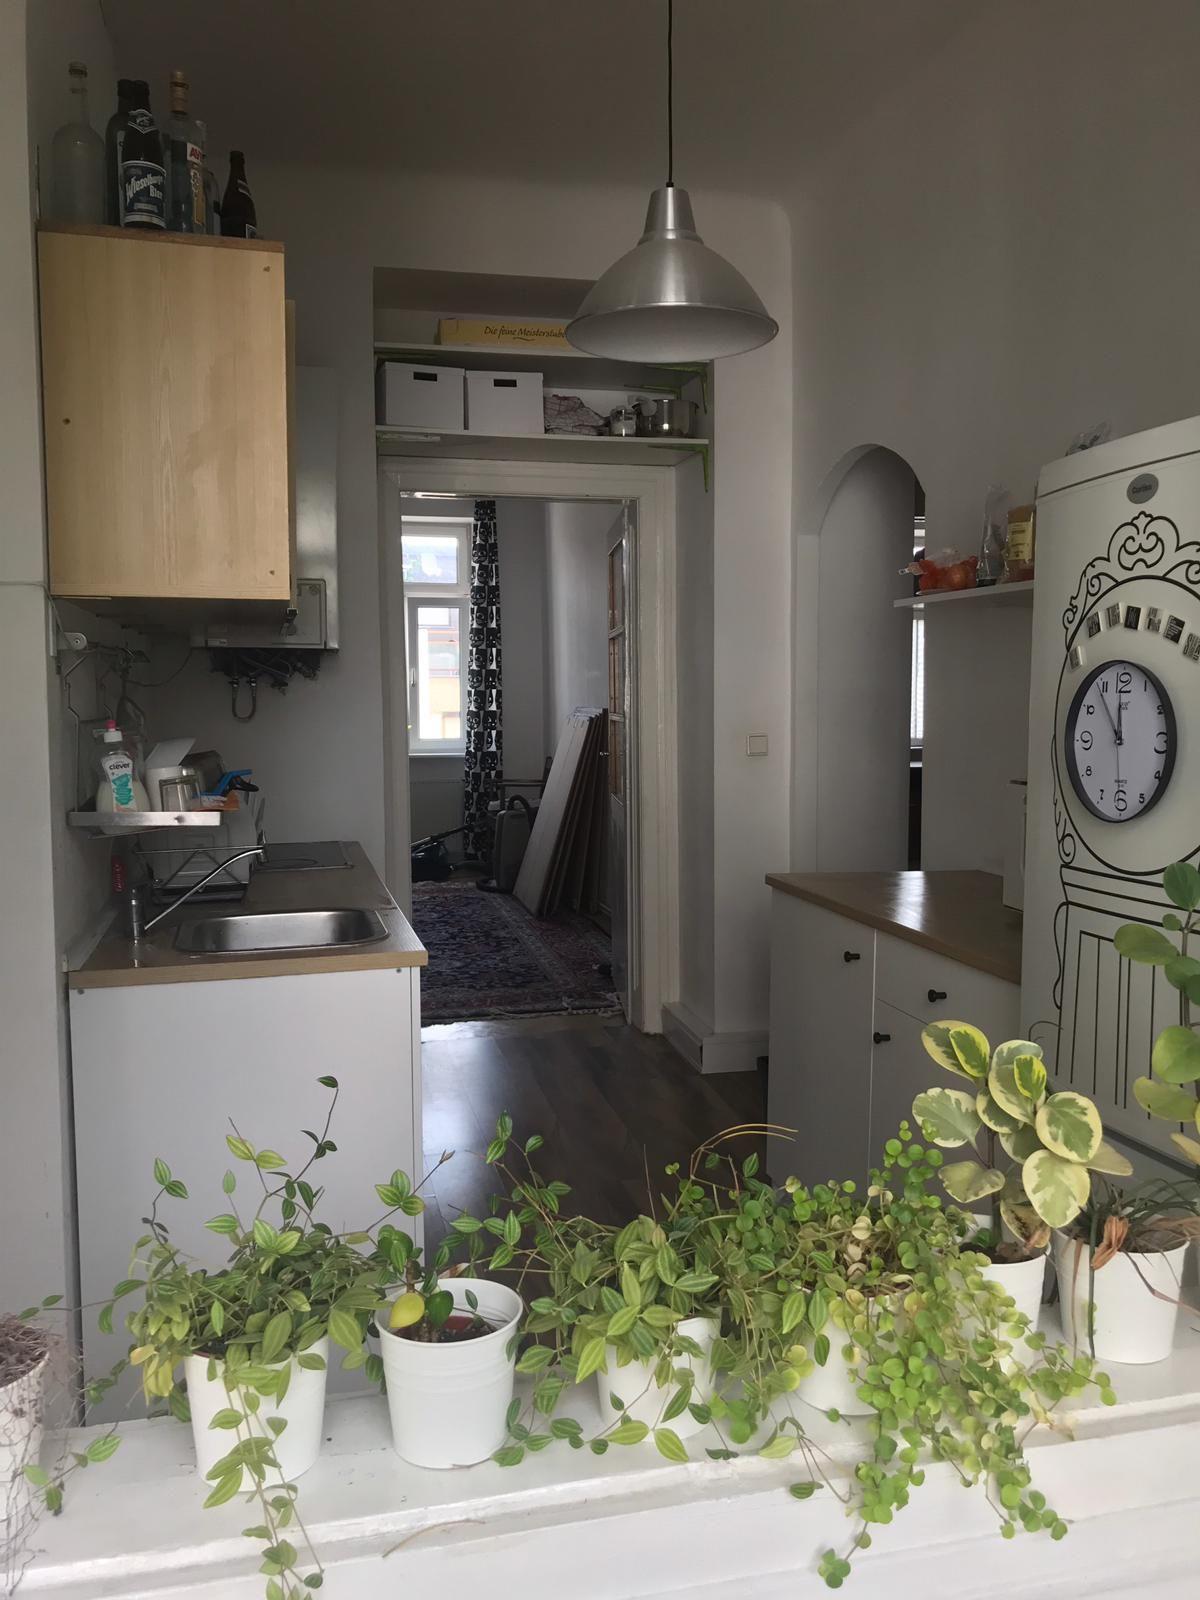 In Dieser Schonen Kuche In Wien Kochen Die Bewohner Gerne Gemeinsam Und Verbringen Gemeinsame Zeit Beim Essen Einrichtungsideen Haus Deko Kleine Topfpflanzen